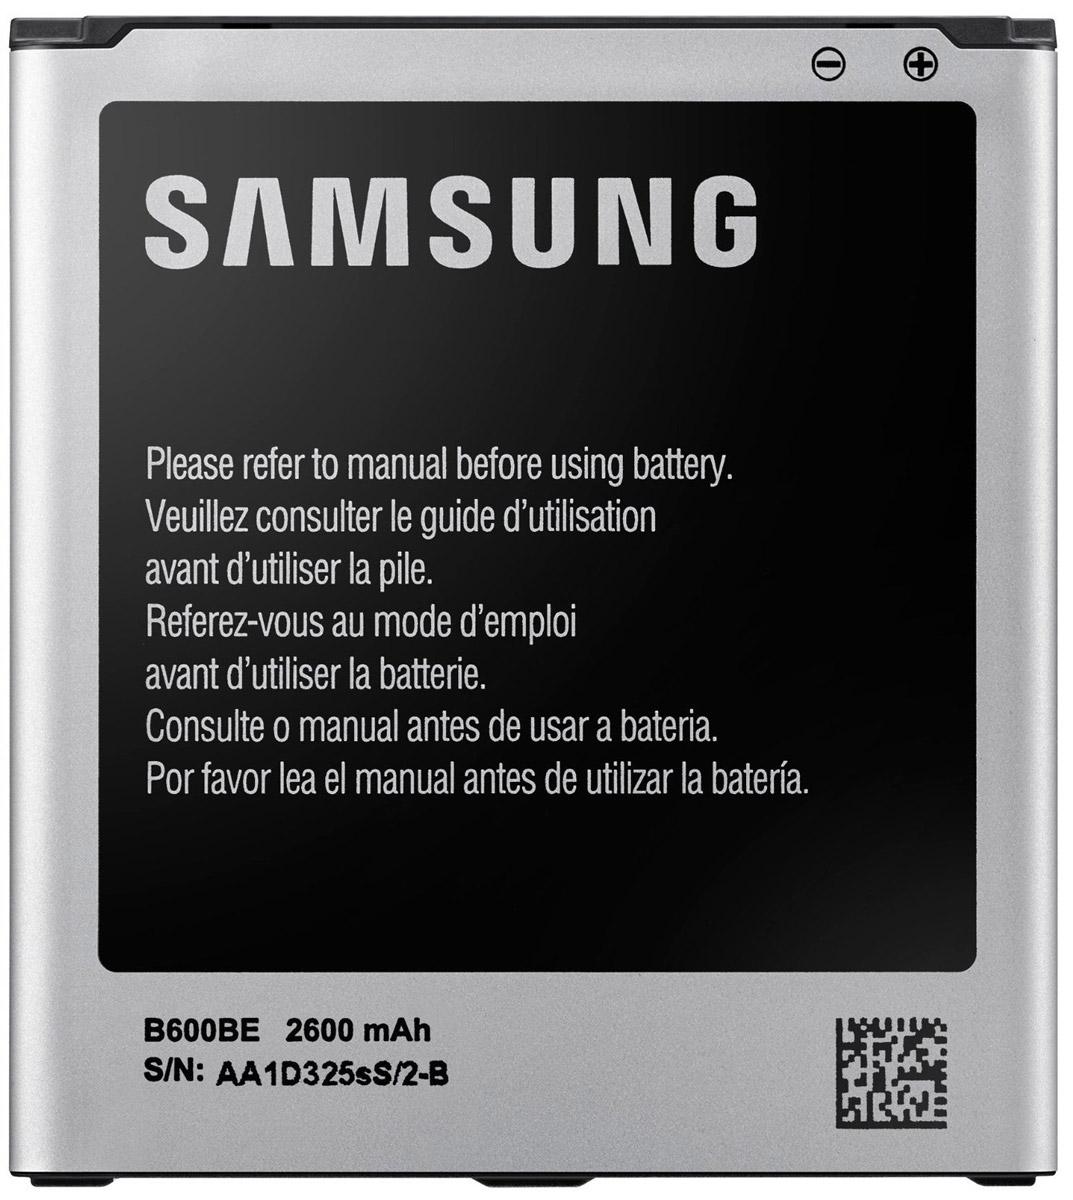 Samsung EB-B600BEBE стандартный аккумулятор для S4EB-B600BEBECRUСтандартный аккумулятор для Galaxy S4 со встроенным модулем NFC Samsung EB-B600BEBE подарит множество часов телефонного общения. Благодаря компактности устройства всегда можно носить его с собой, чтобы заменять им севший аккумулятор вашего смартфона.